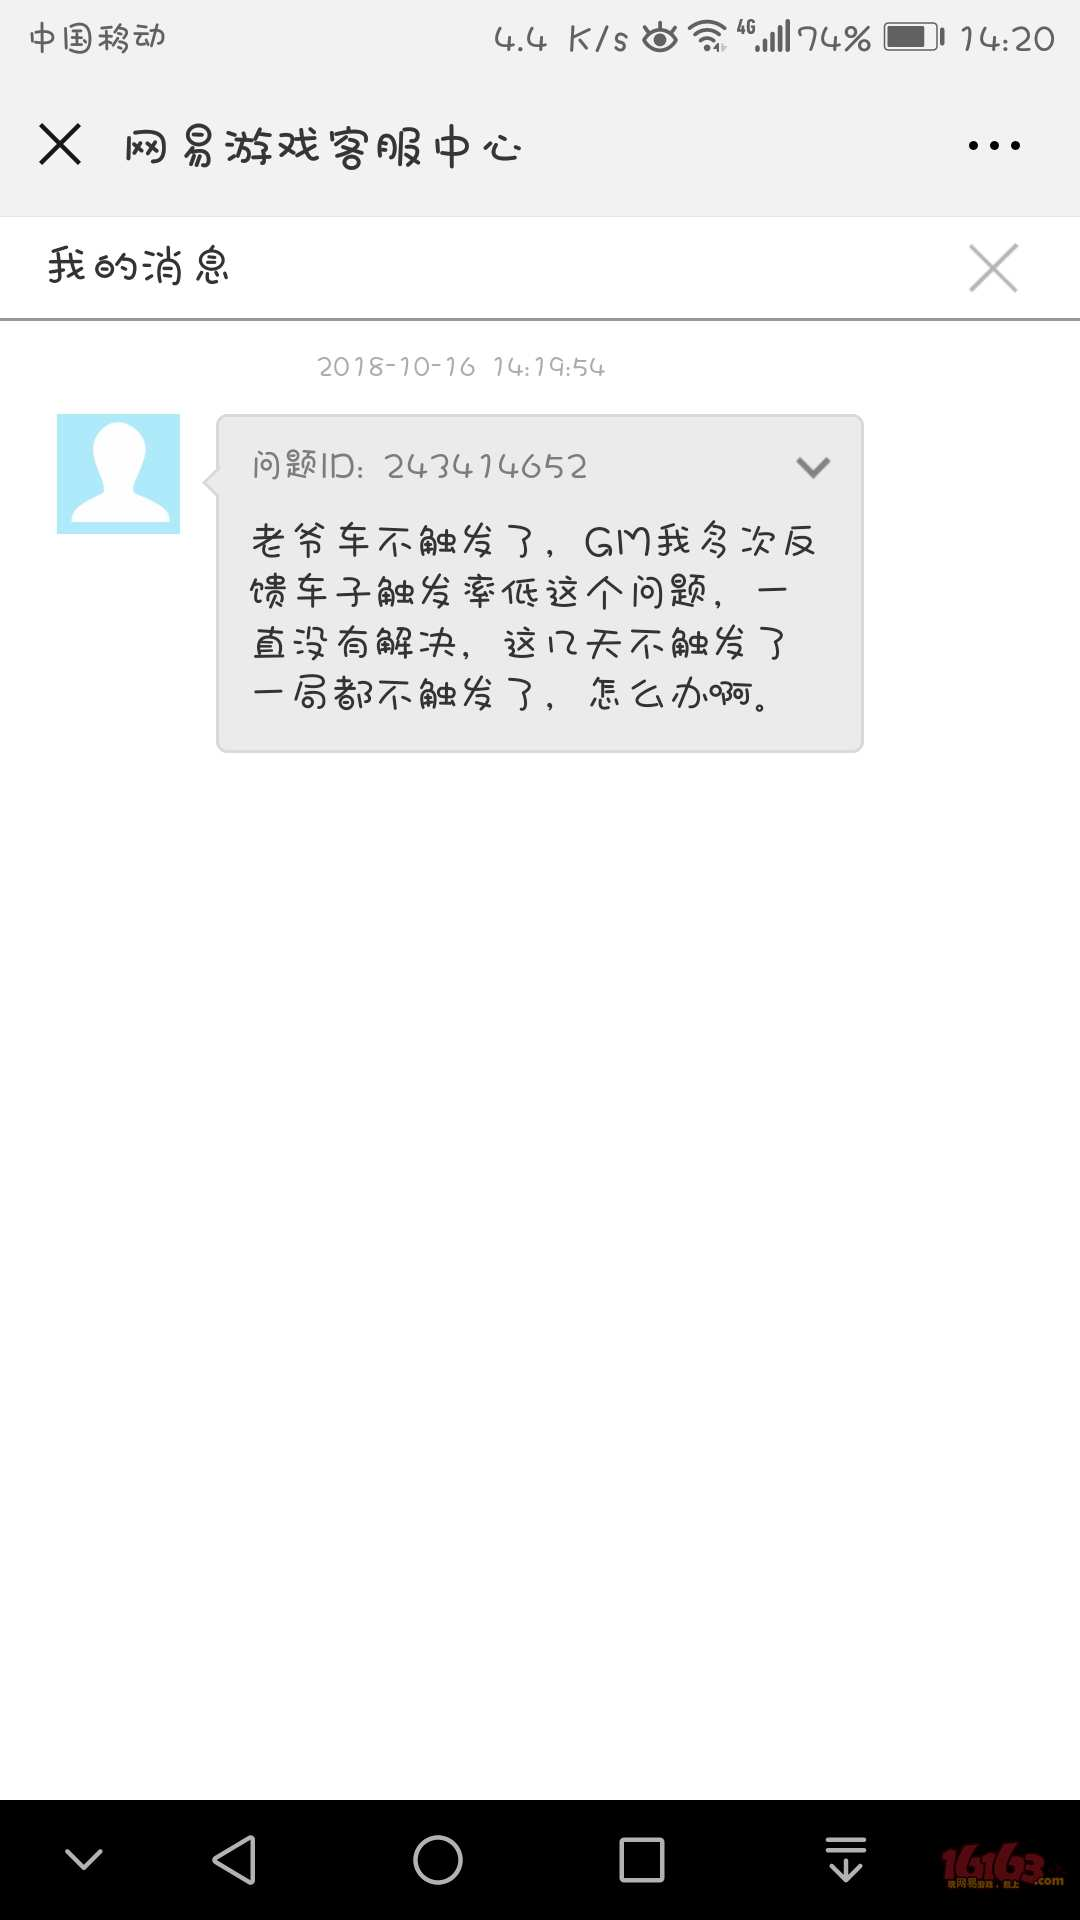 Screenshot_20181016-142023.jpg